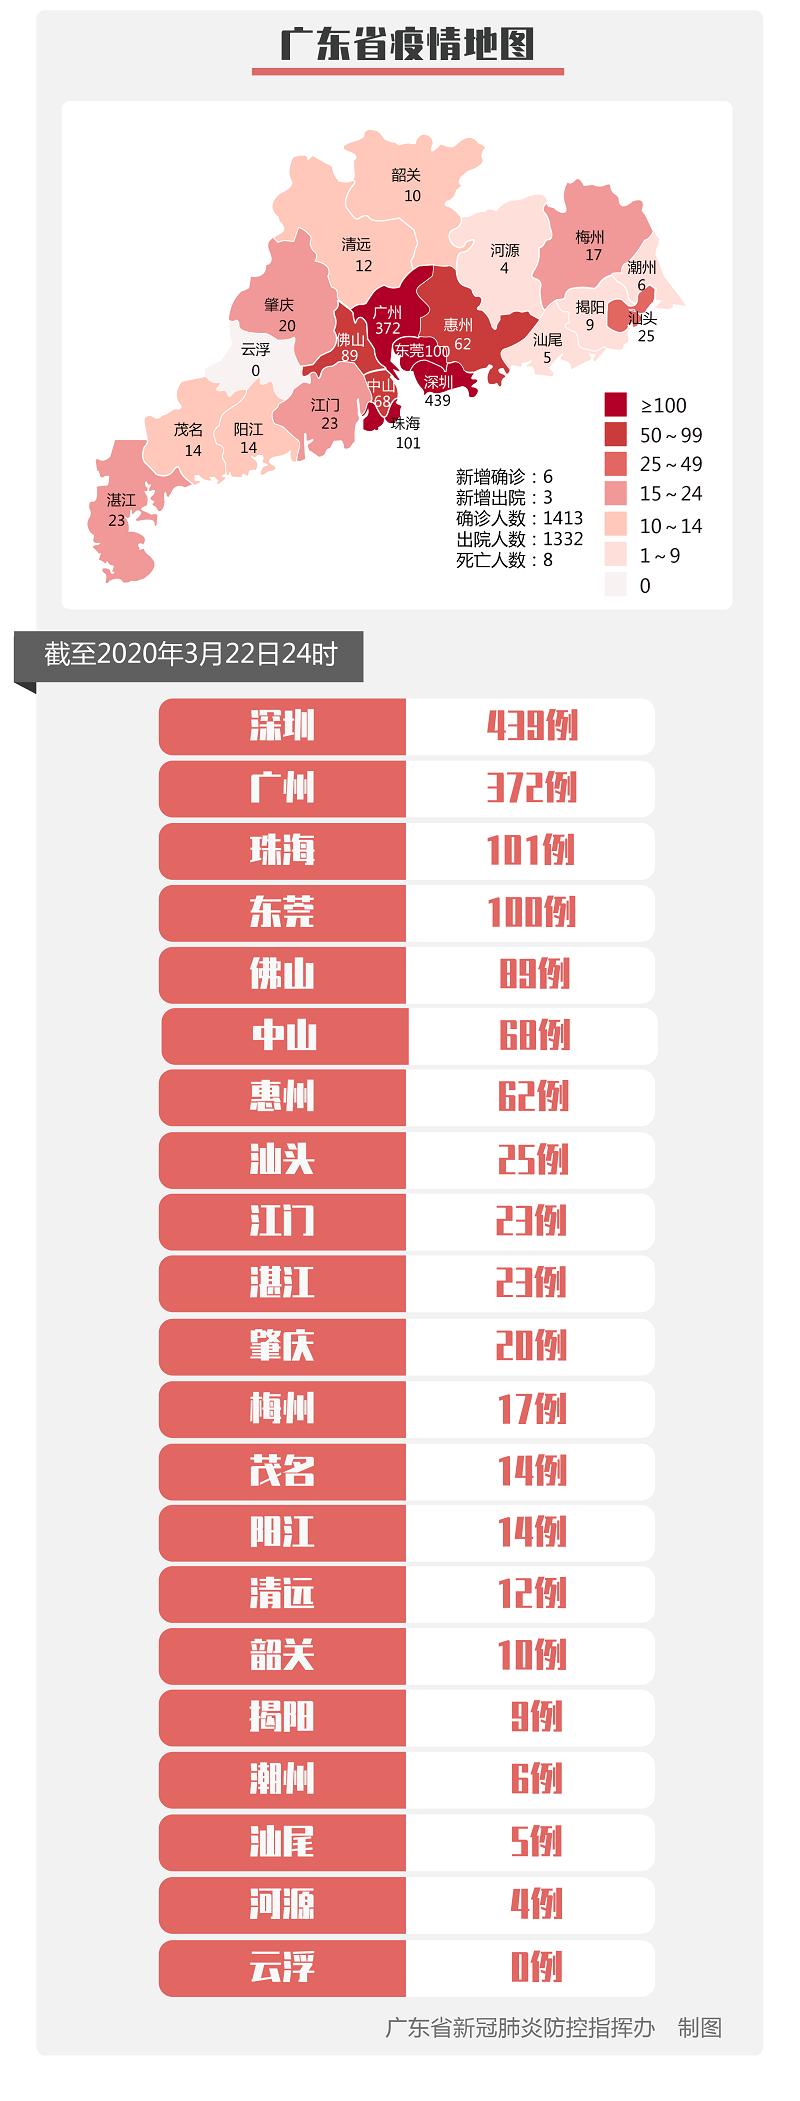 3月22日广东新型冠状病毒感染肺炎疫情 新增确诊6例 累计1413例